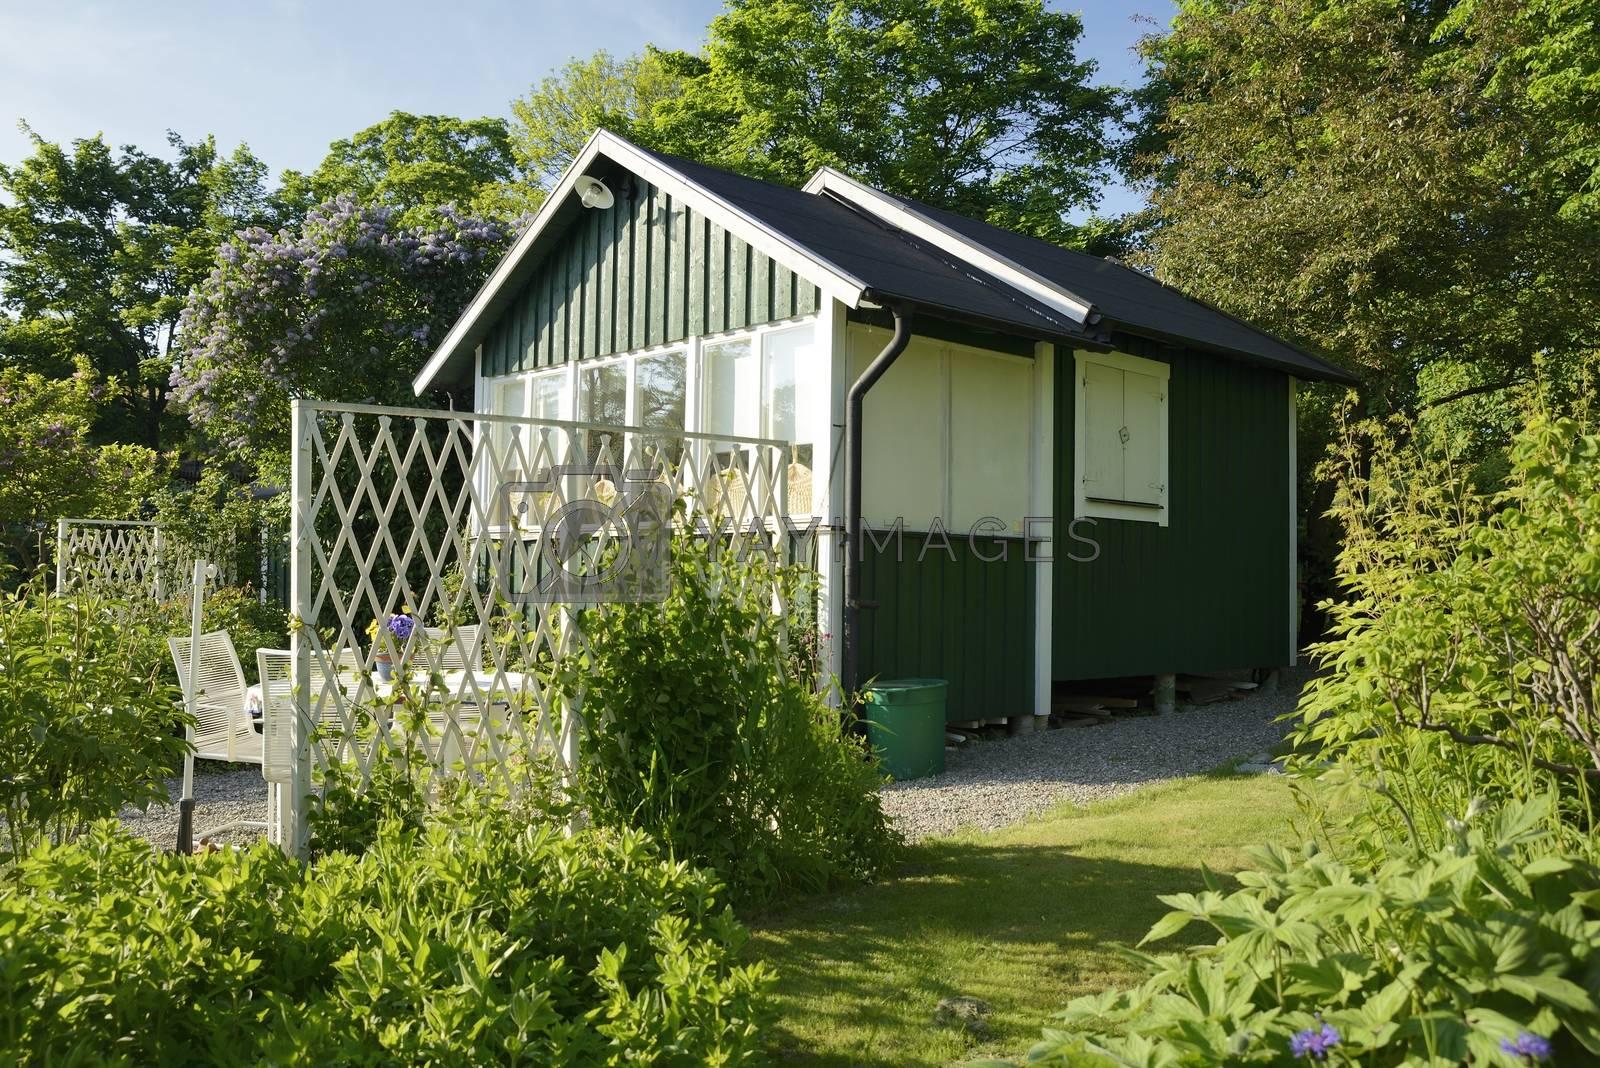 Idyllic green cottage in botanical garden.